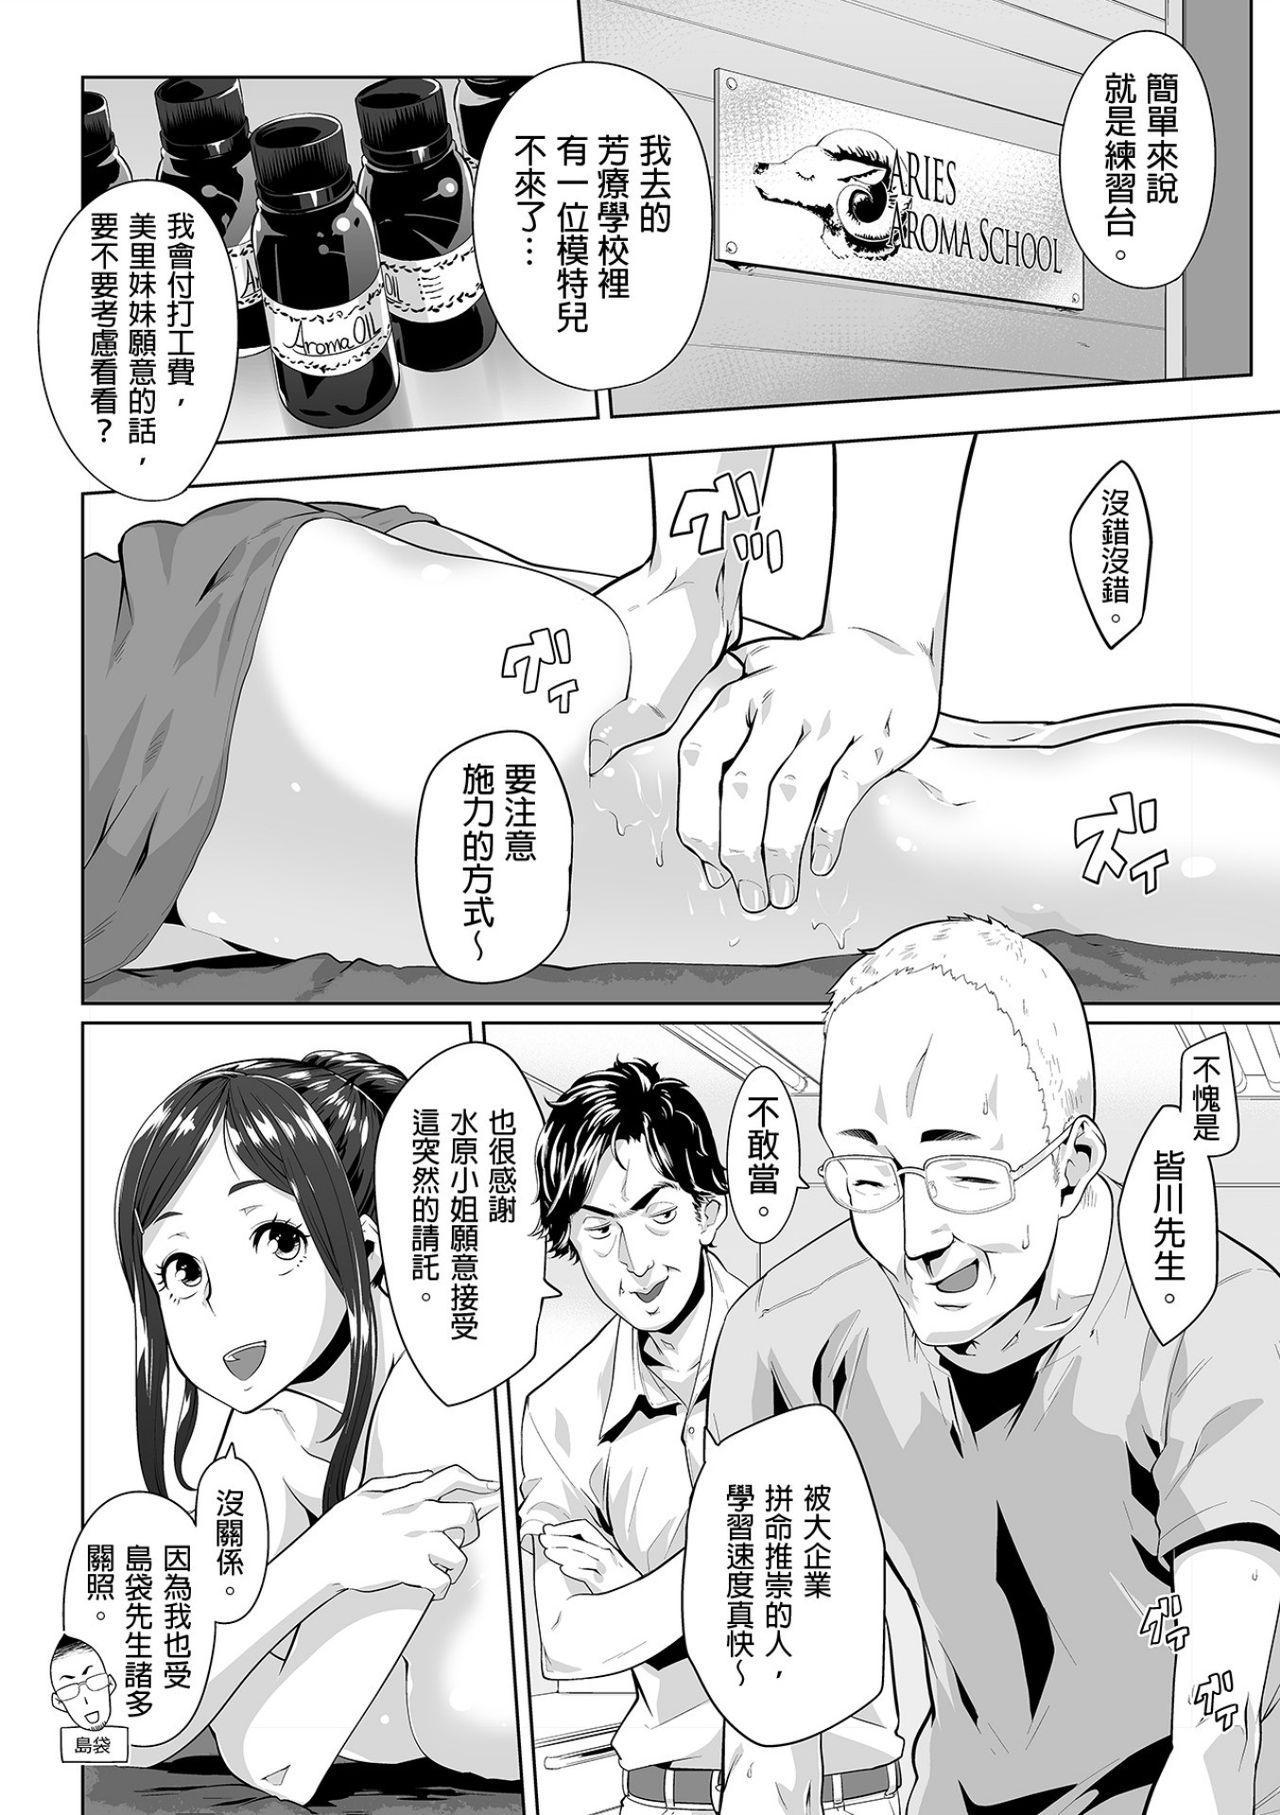 [Qunami Himehiko, Akahige] Gifu no Nurunuru Massage ~Musume no Kori o Asa kara Kurikuri~ | 義父的濕答答按摩~一早幫忙女兒放鬆肌肉~ Ch. 9 [Chinese] 12